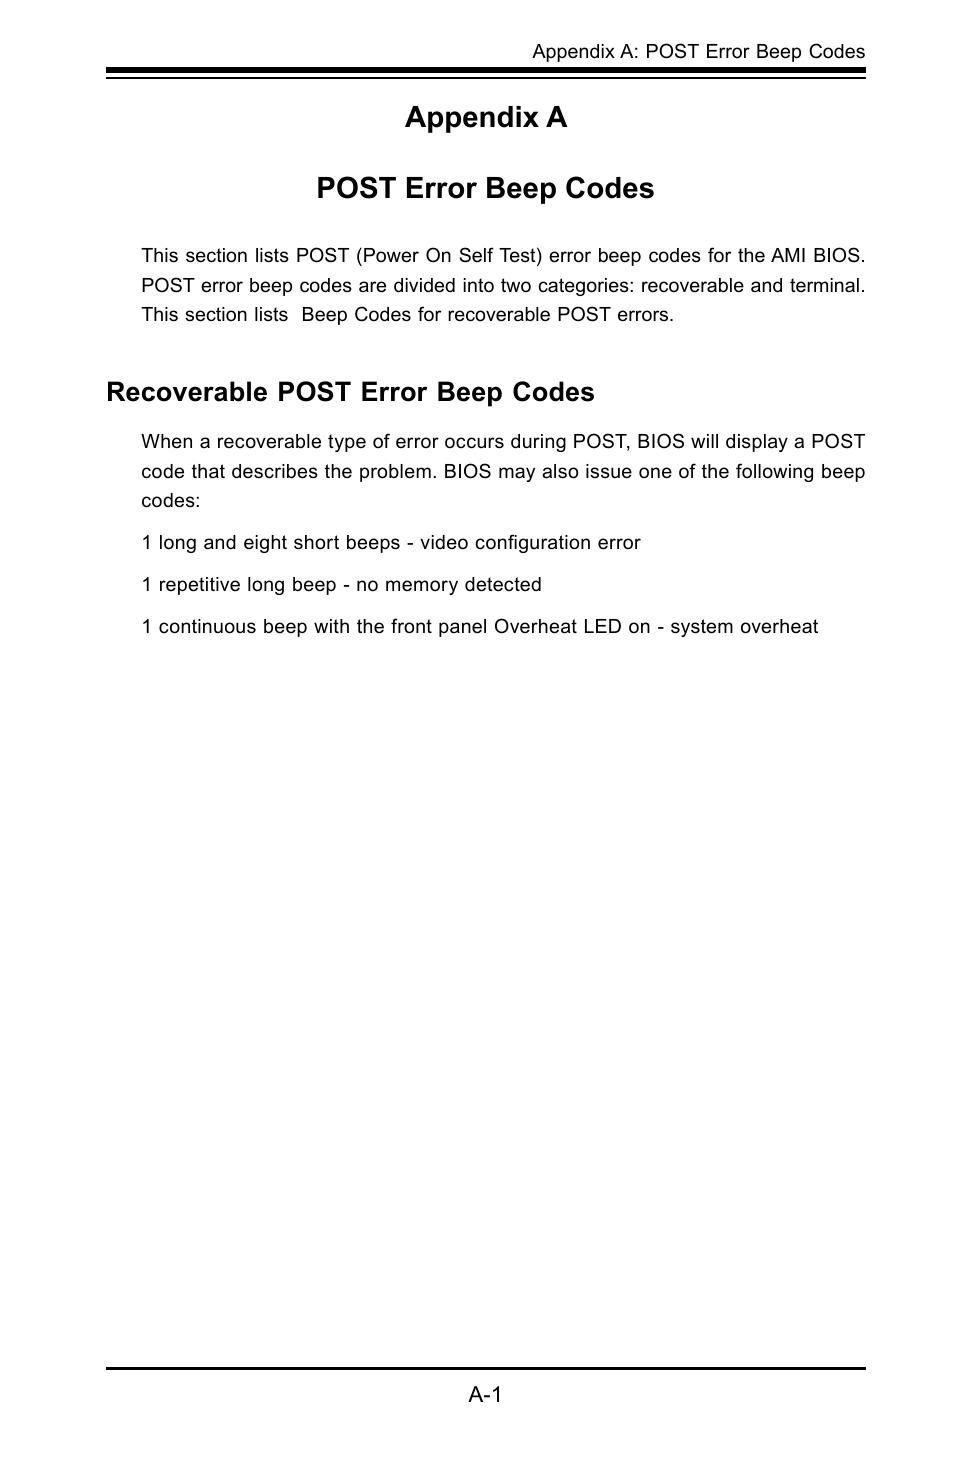 Appendix a post error beep codes, Recoverable post error